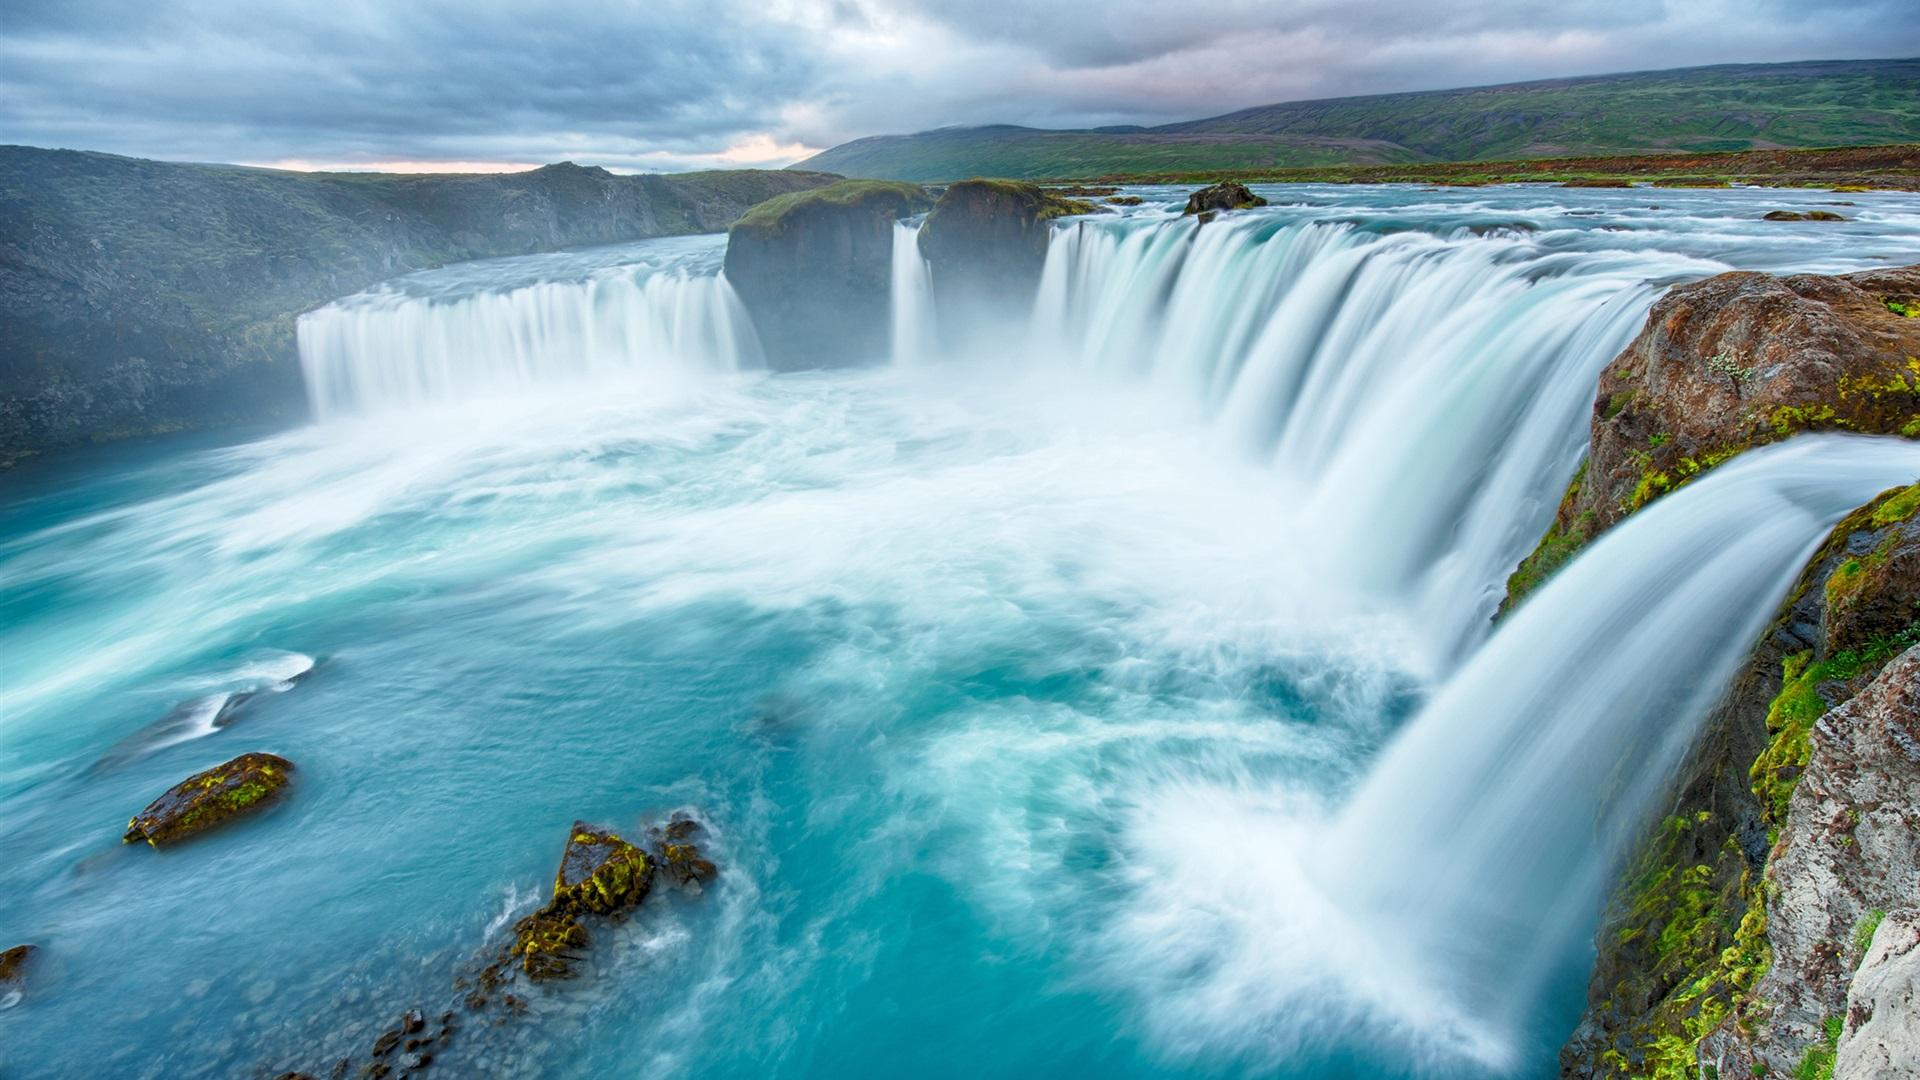 Обои рабочего стола высокого разрешения водопады